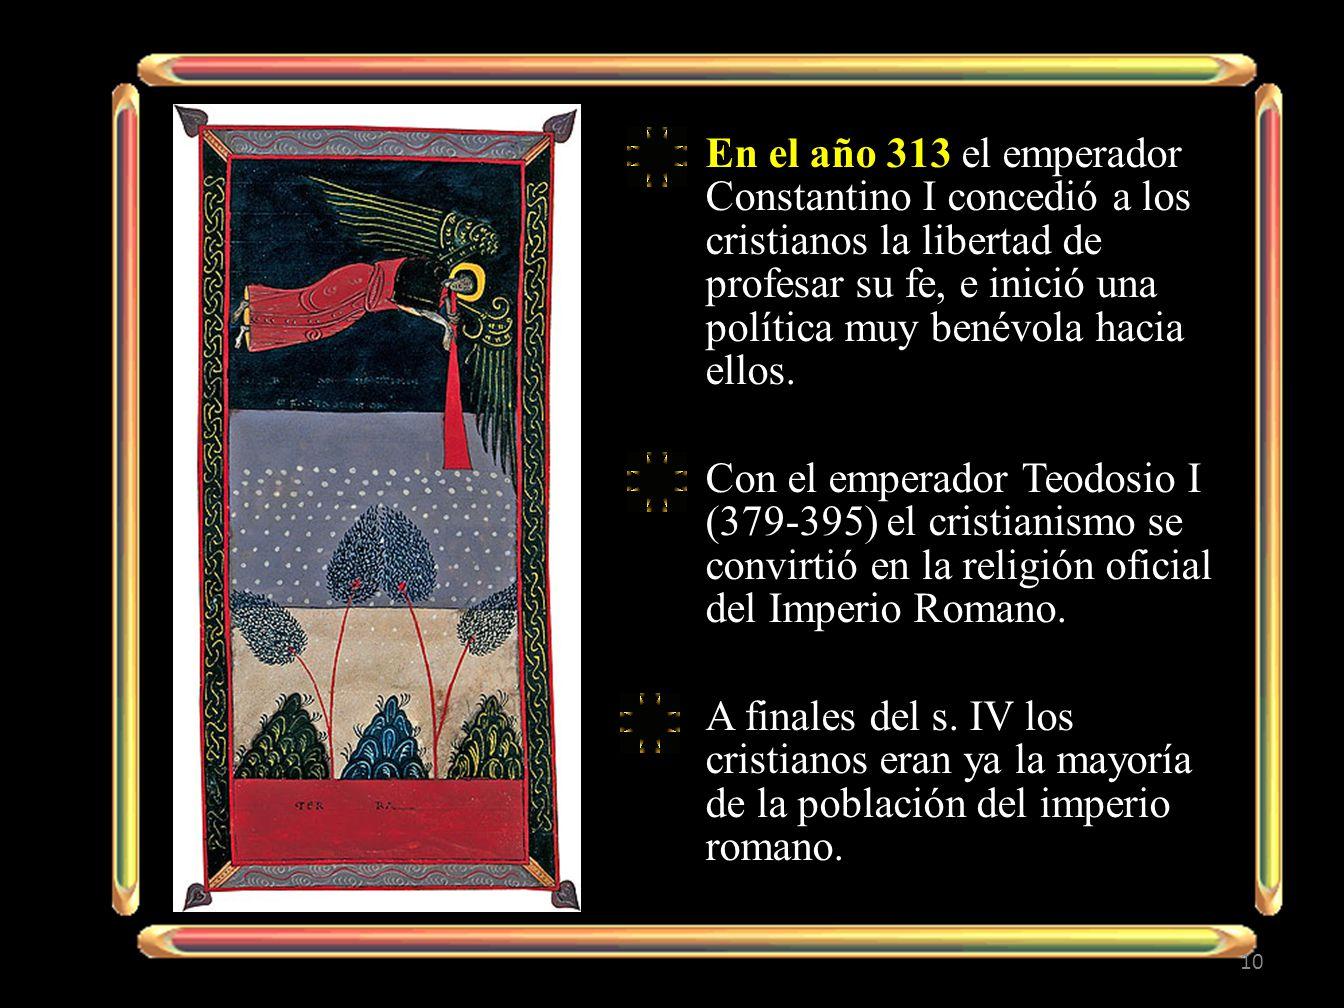 En el año 313 el emperador Constantino I concedió a los cristianos la libertad de profesar su fe, e inició una política muy benévola hacia ellos. Con